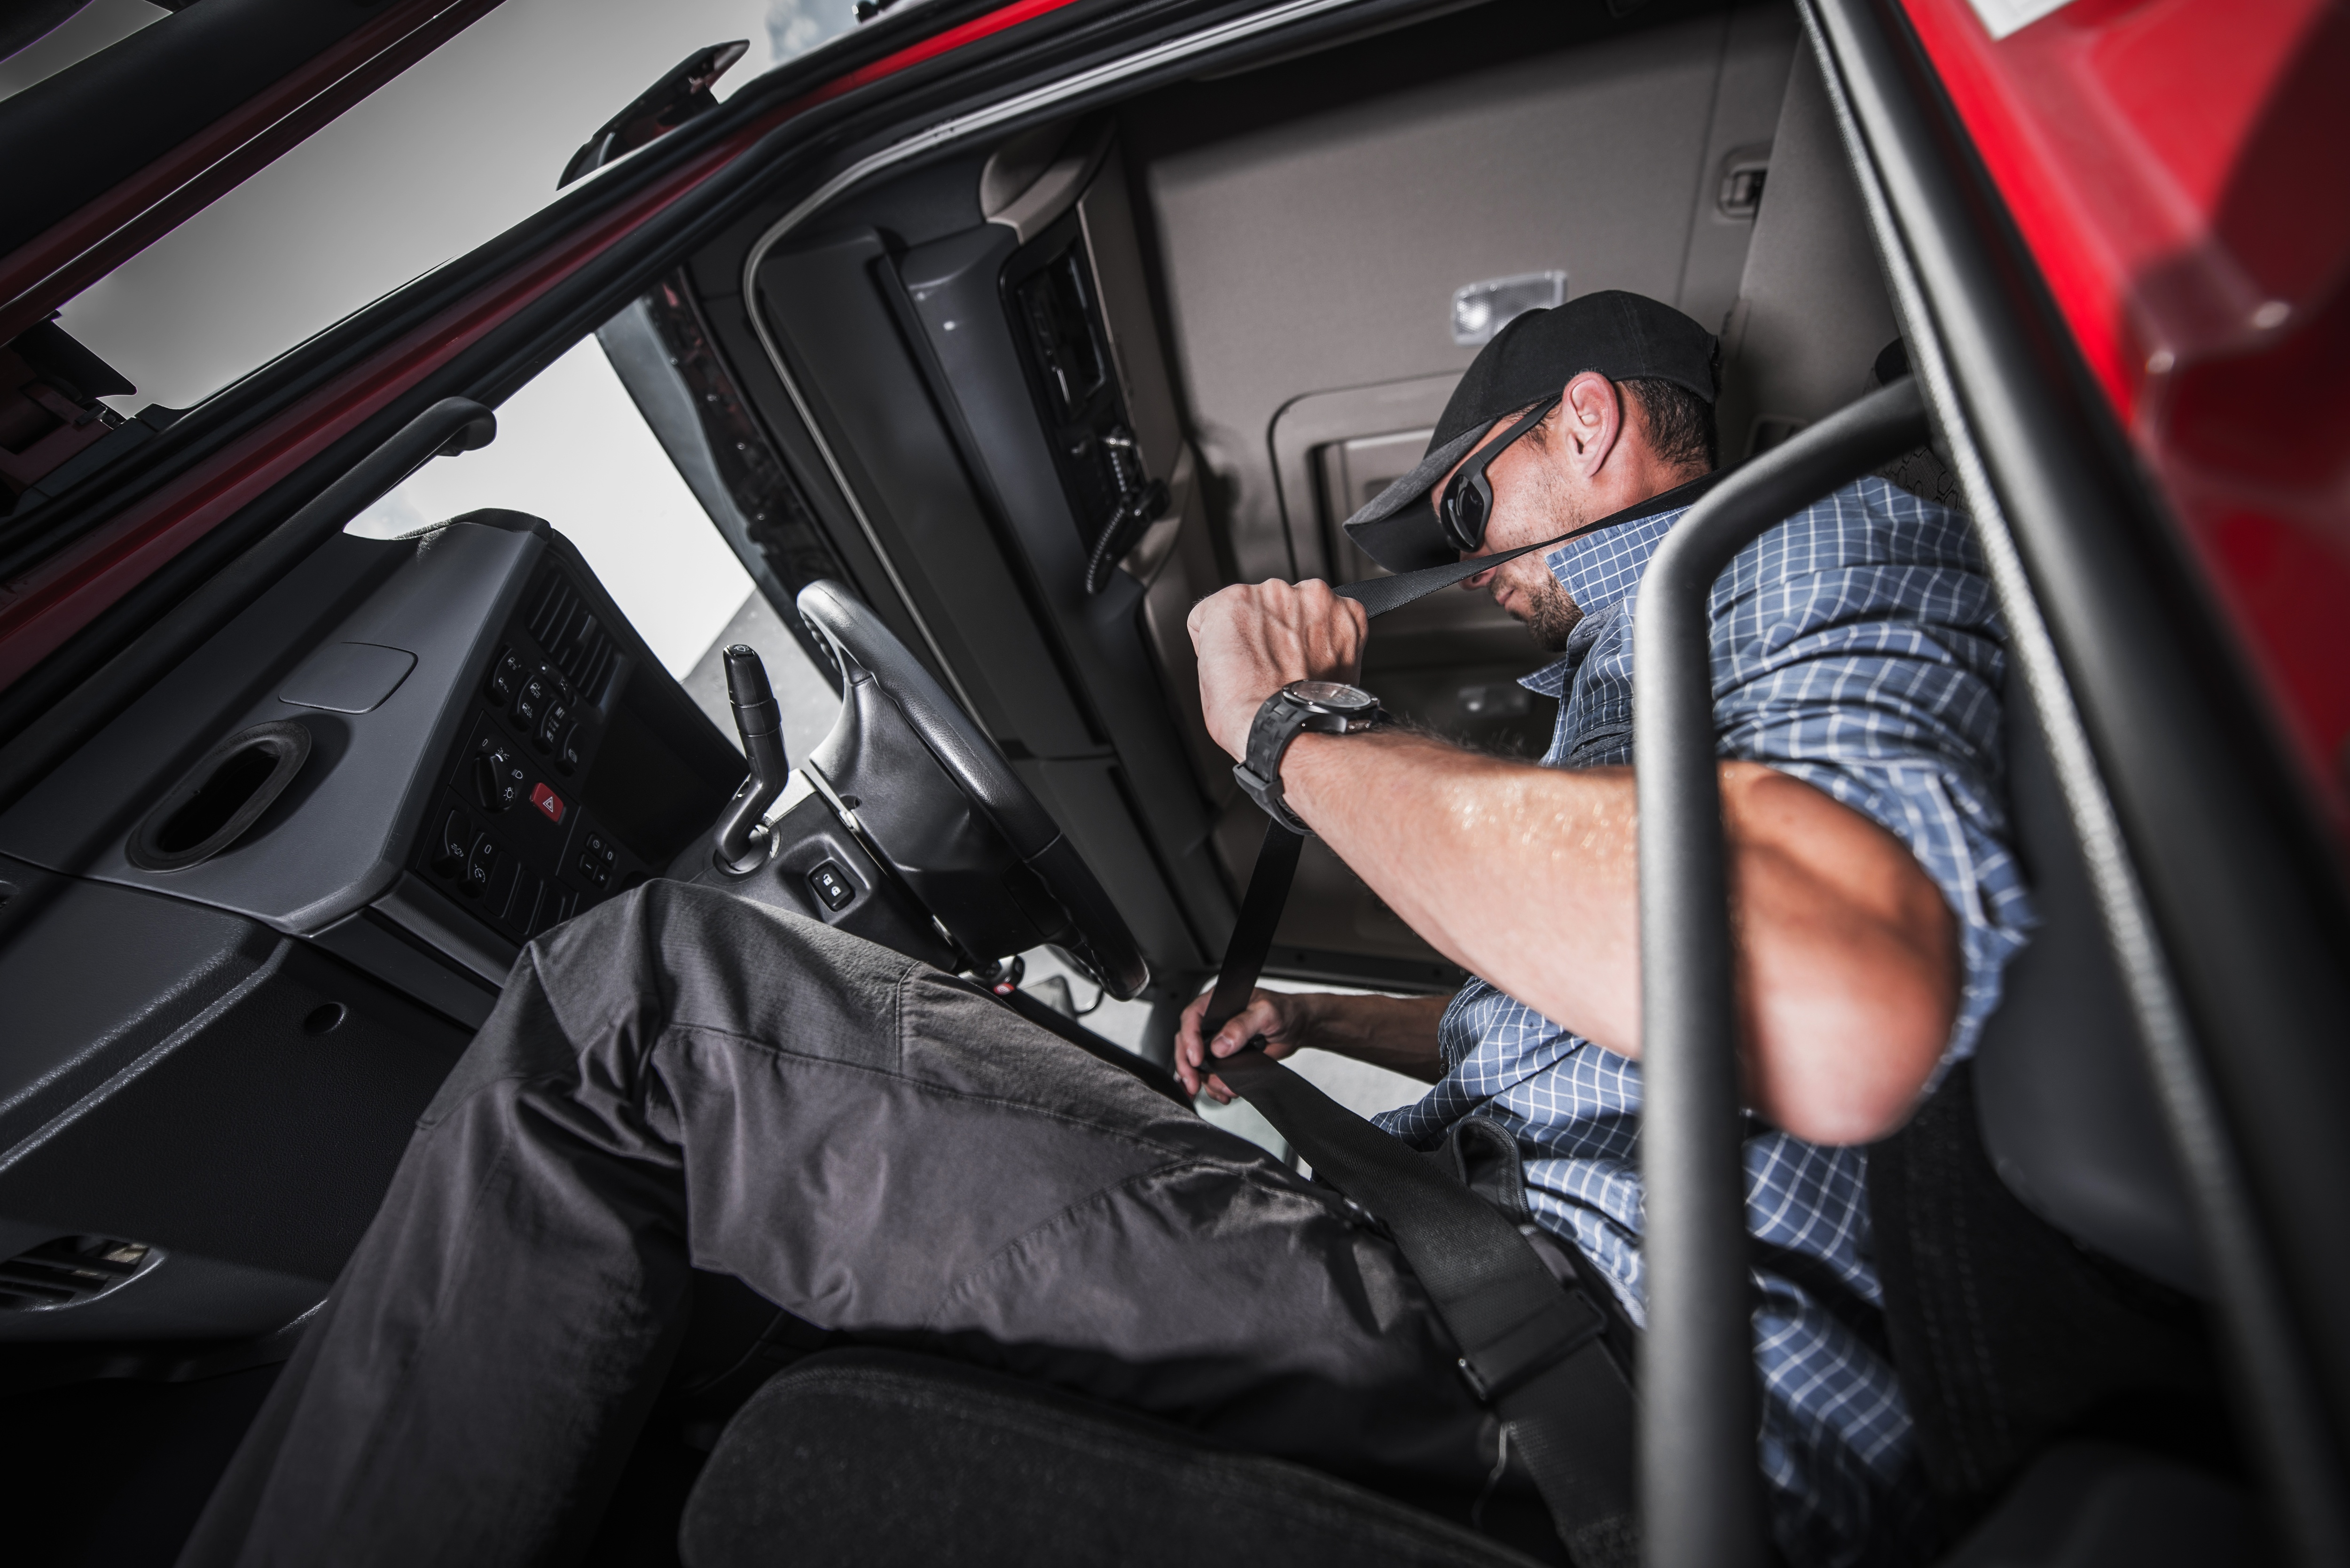 Historia del Cinturón de Seguridad | Trabajo de Chófer